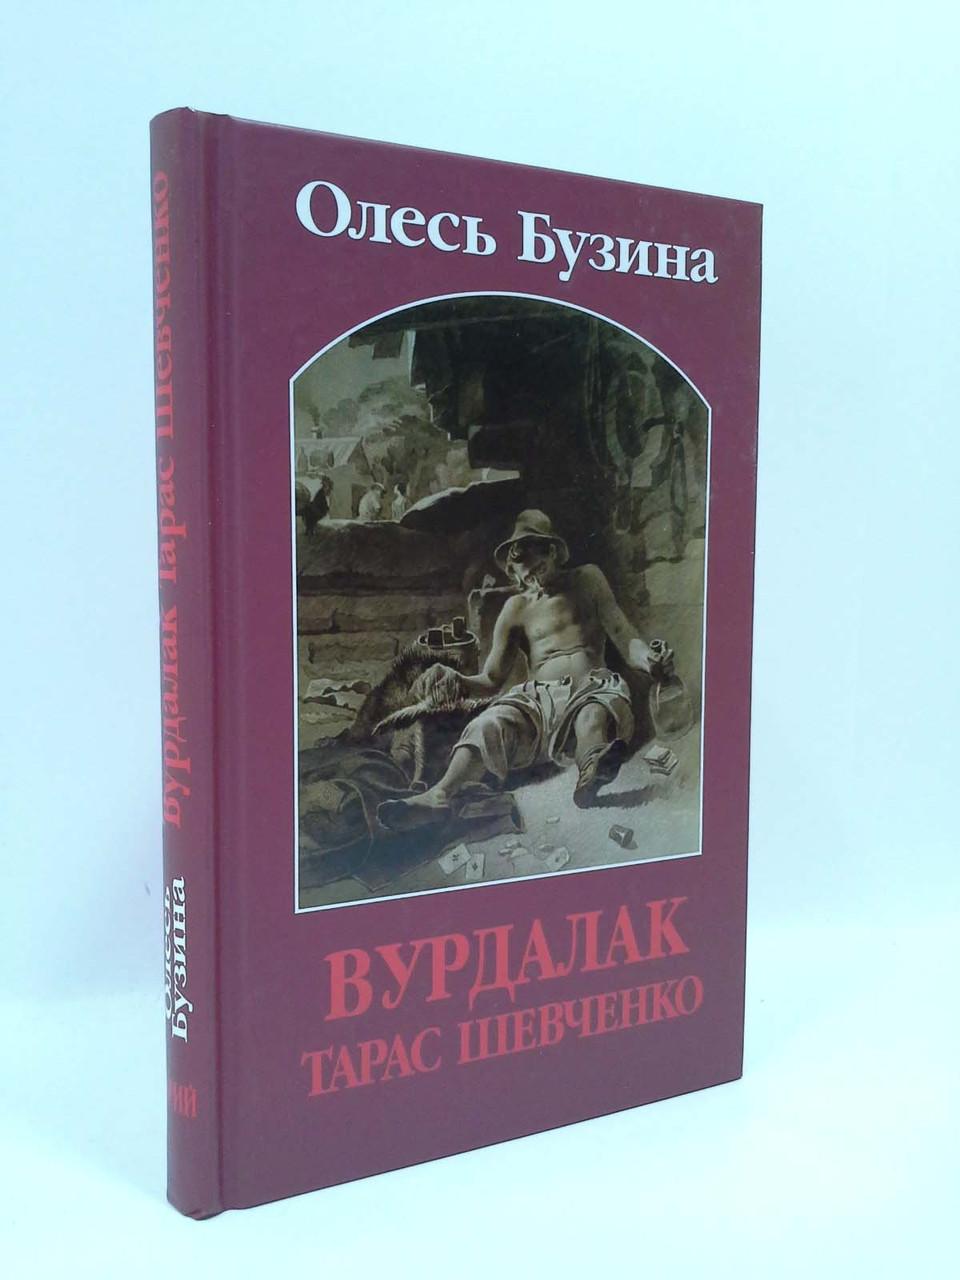 Арий Бузина Вурдалак Тарас Шевченко